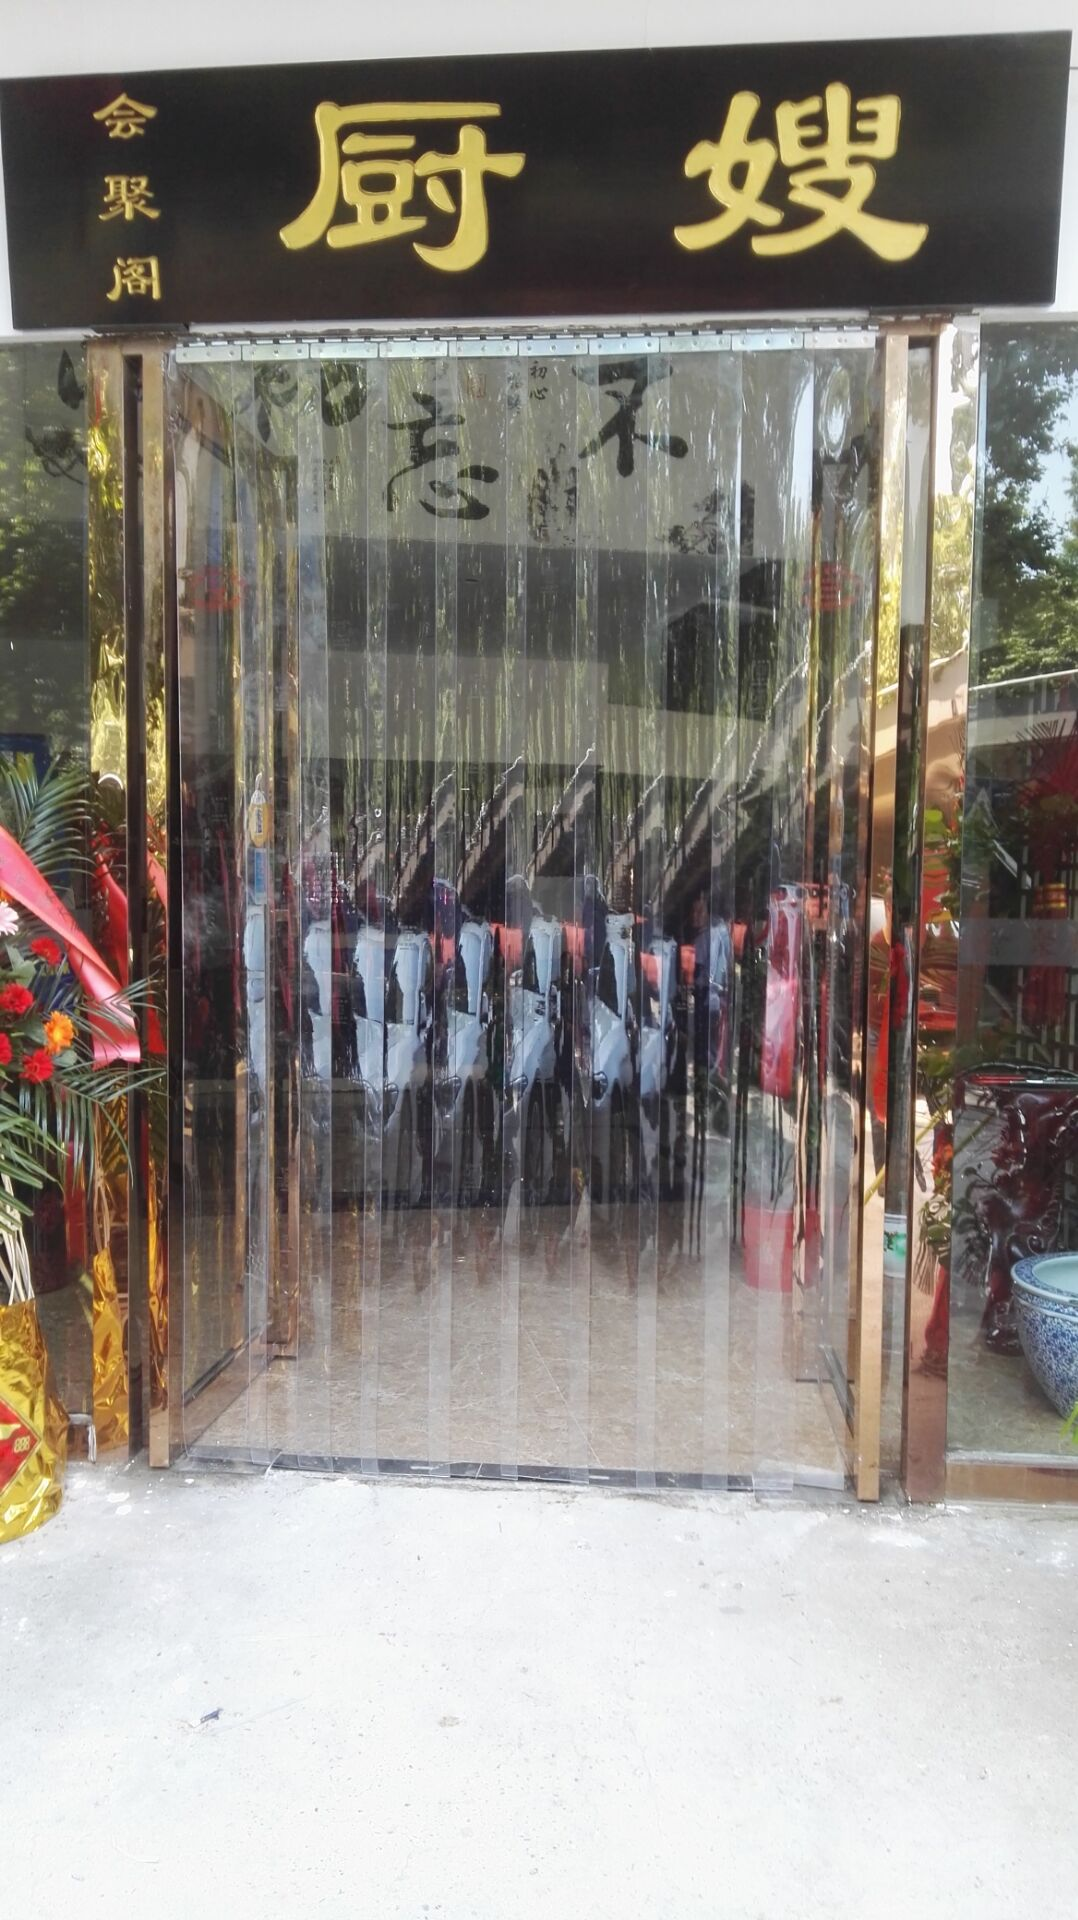 武汉市武昌区益康电子商务服务部